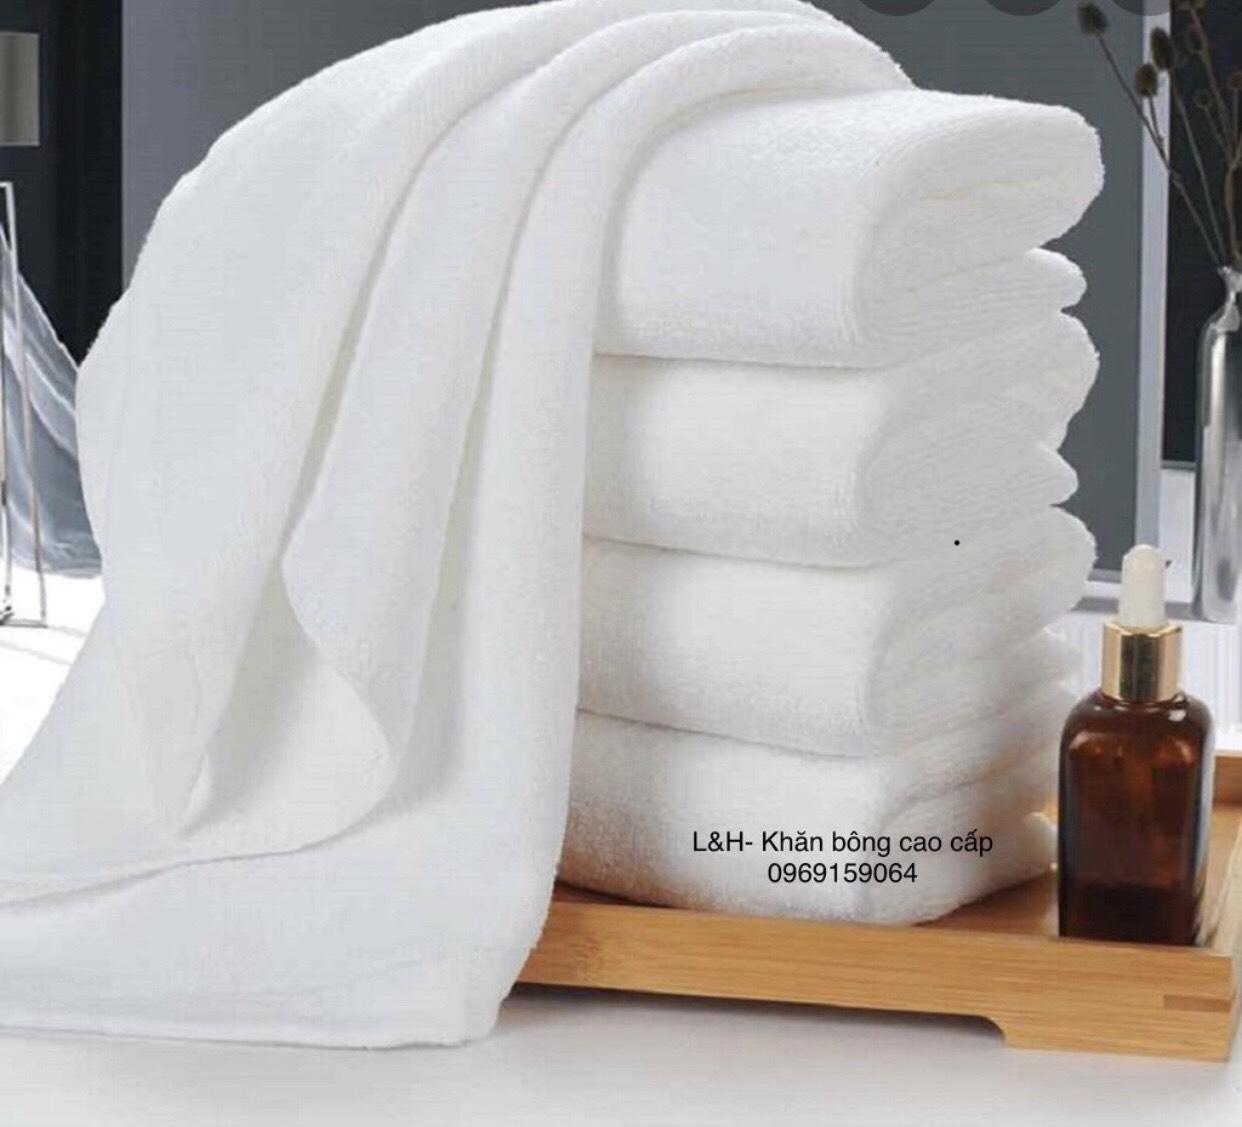 Khăn tắm trắng khách sạn, 60x130cm, xuất dư,sợi CD, nặng 250g